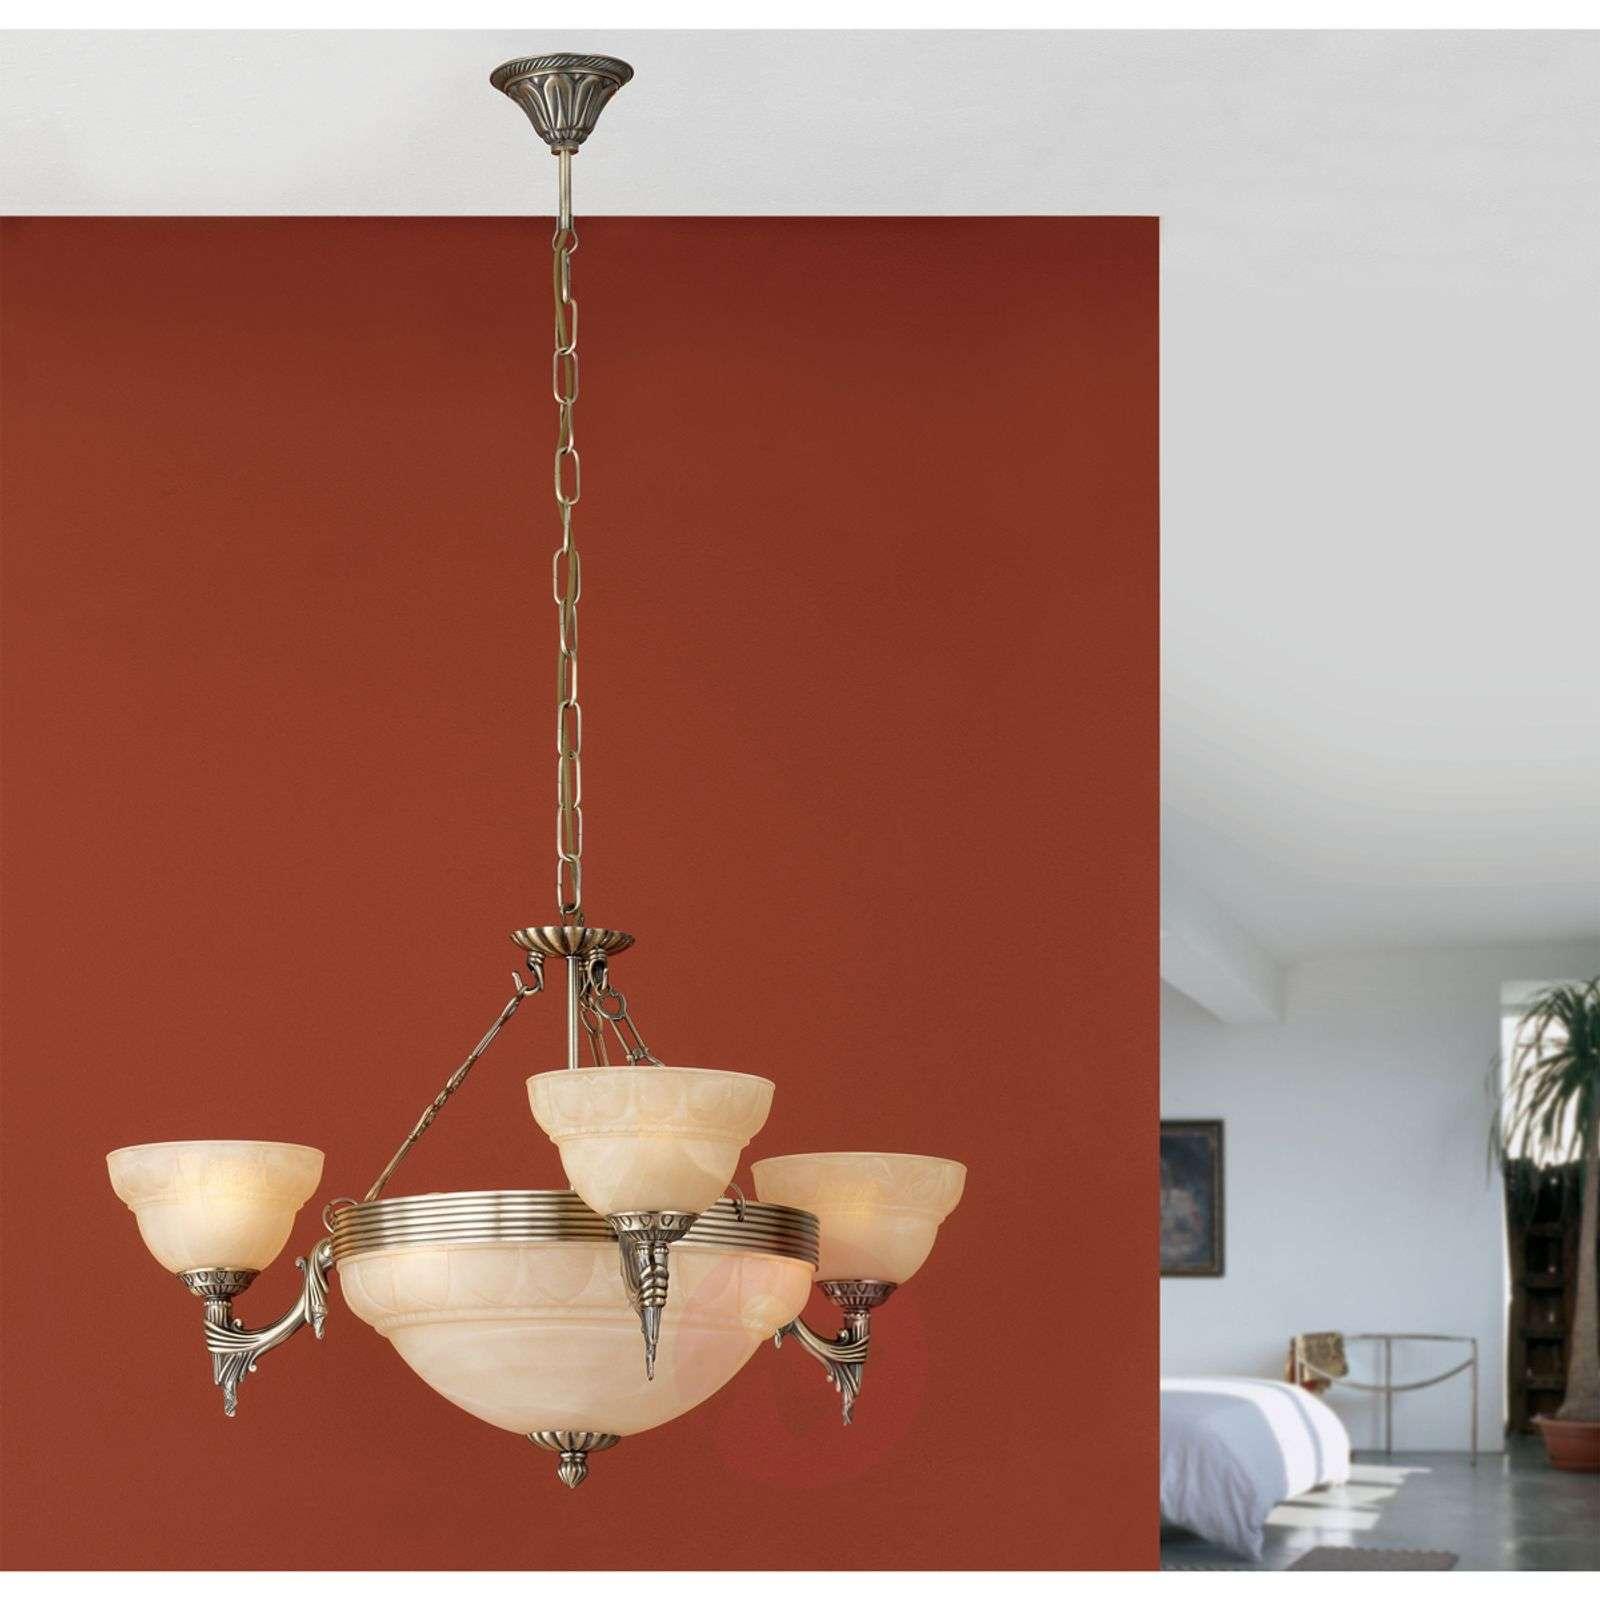 Tyylikäs Marilla-riippuvalaisin, 6 lamppua-3001125-01